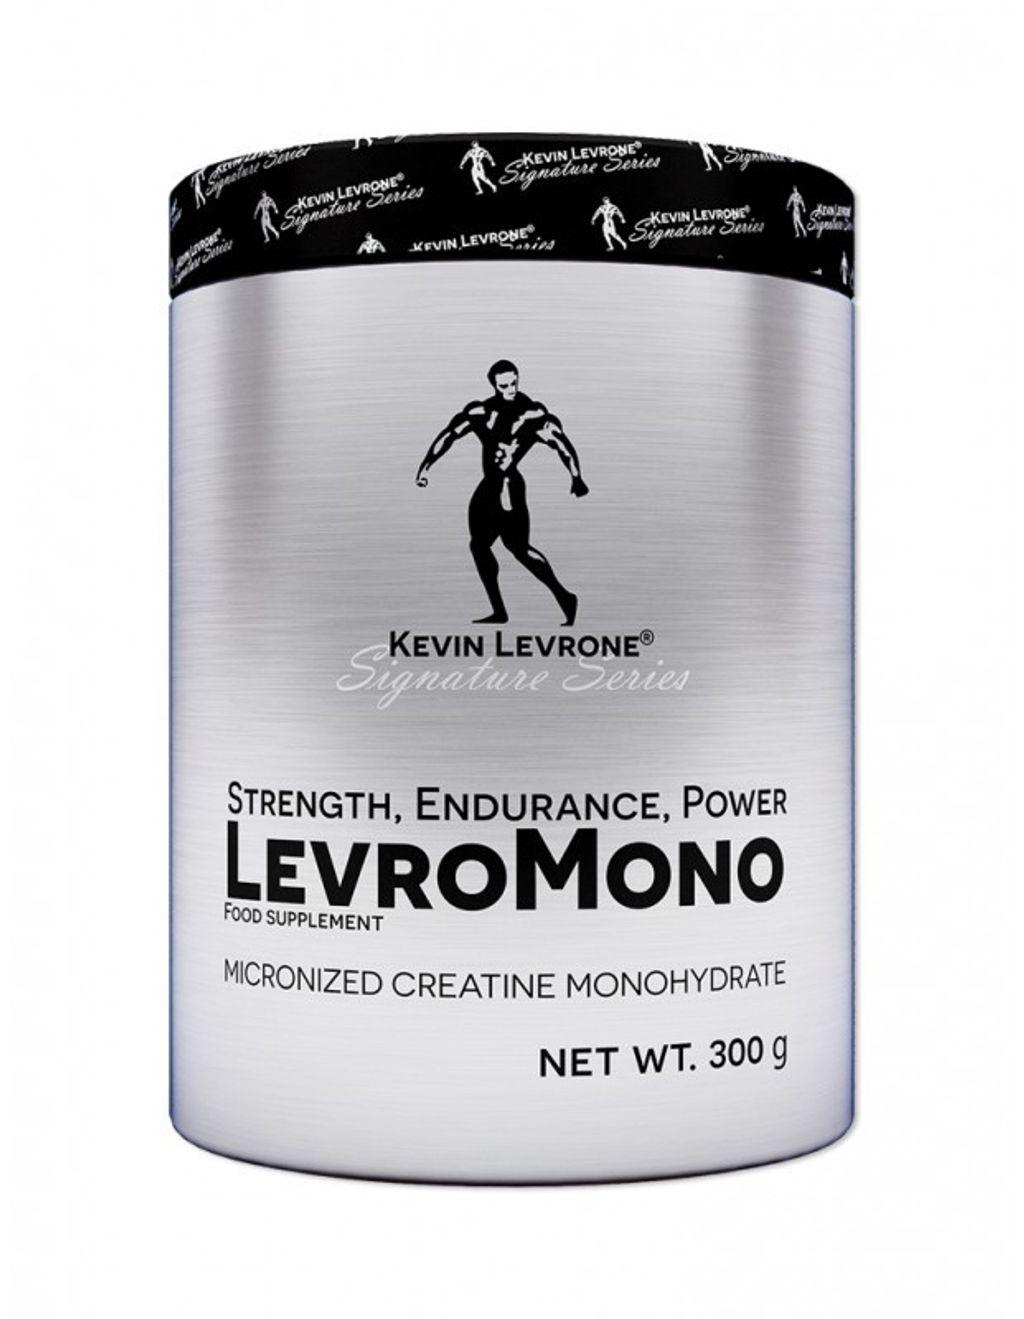 levromono protein malassia.jpg